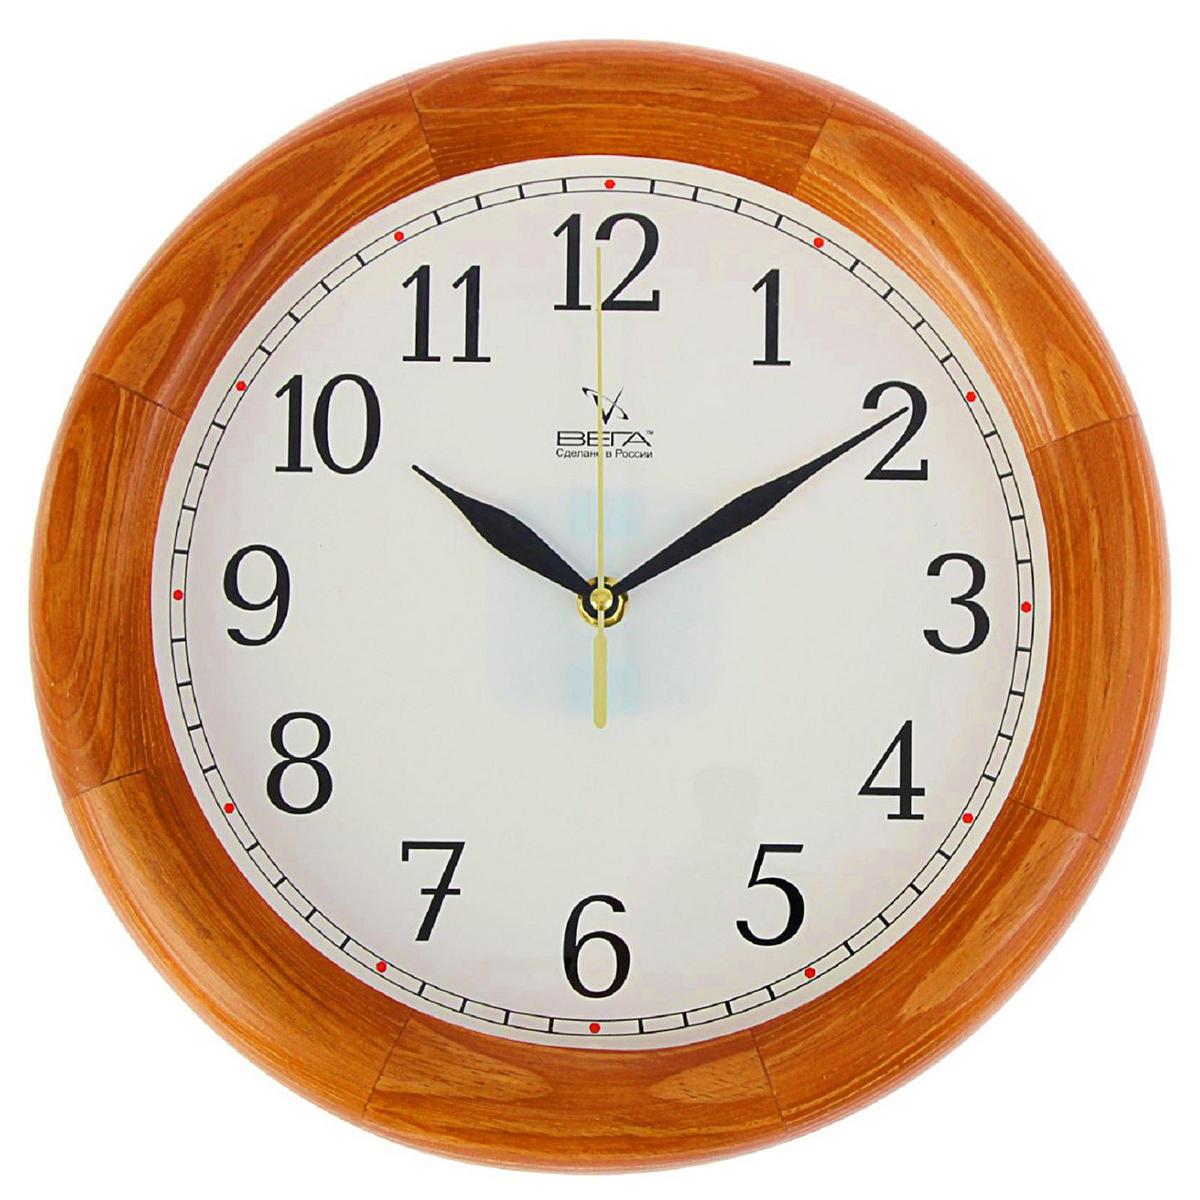 Часы настенные Вега Классика. 13799231379923— сувенир в полном смысле этого слова. И главная его задача — хранить воспоминание о месте, где вы побывали, или о том человеке, который подарил данный предмет. Преподнесите эту вещь своему другу, и она станет достойным украшением его дома. Каждому хозяину периодически приходит мысль обновить свою квартиру, сделать ремонт, перестановку или кардинально поменять внешний вид каждой комнаты. — привлекательная деталь, которая поможет воплотить вашу интерьерную идею, создать неповторимую атмосферу в вашем доме. Окружите себя приятными мелочами, пусть они радуют глаз и дарят гармонию.Часы деревянные Классика 1379923